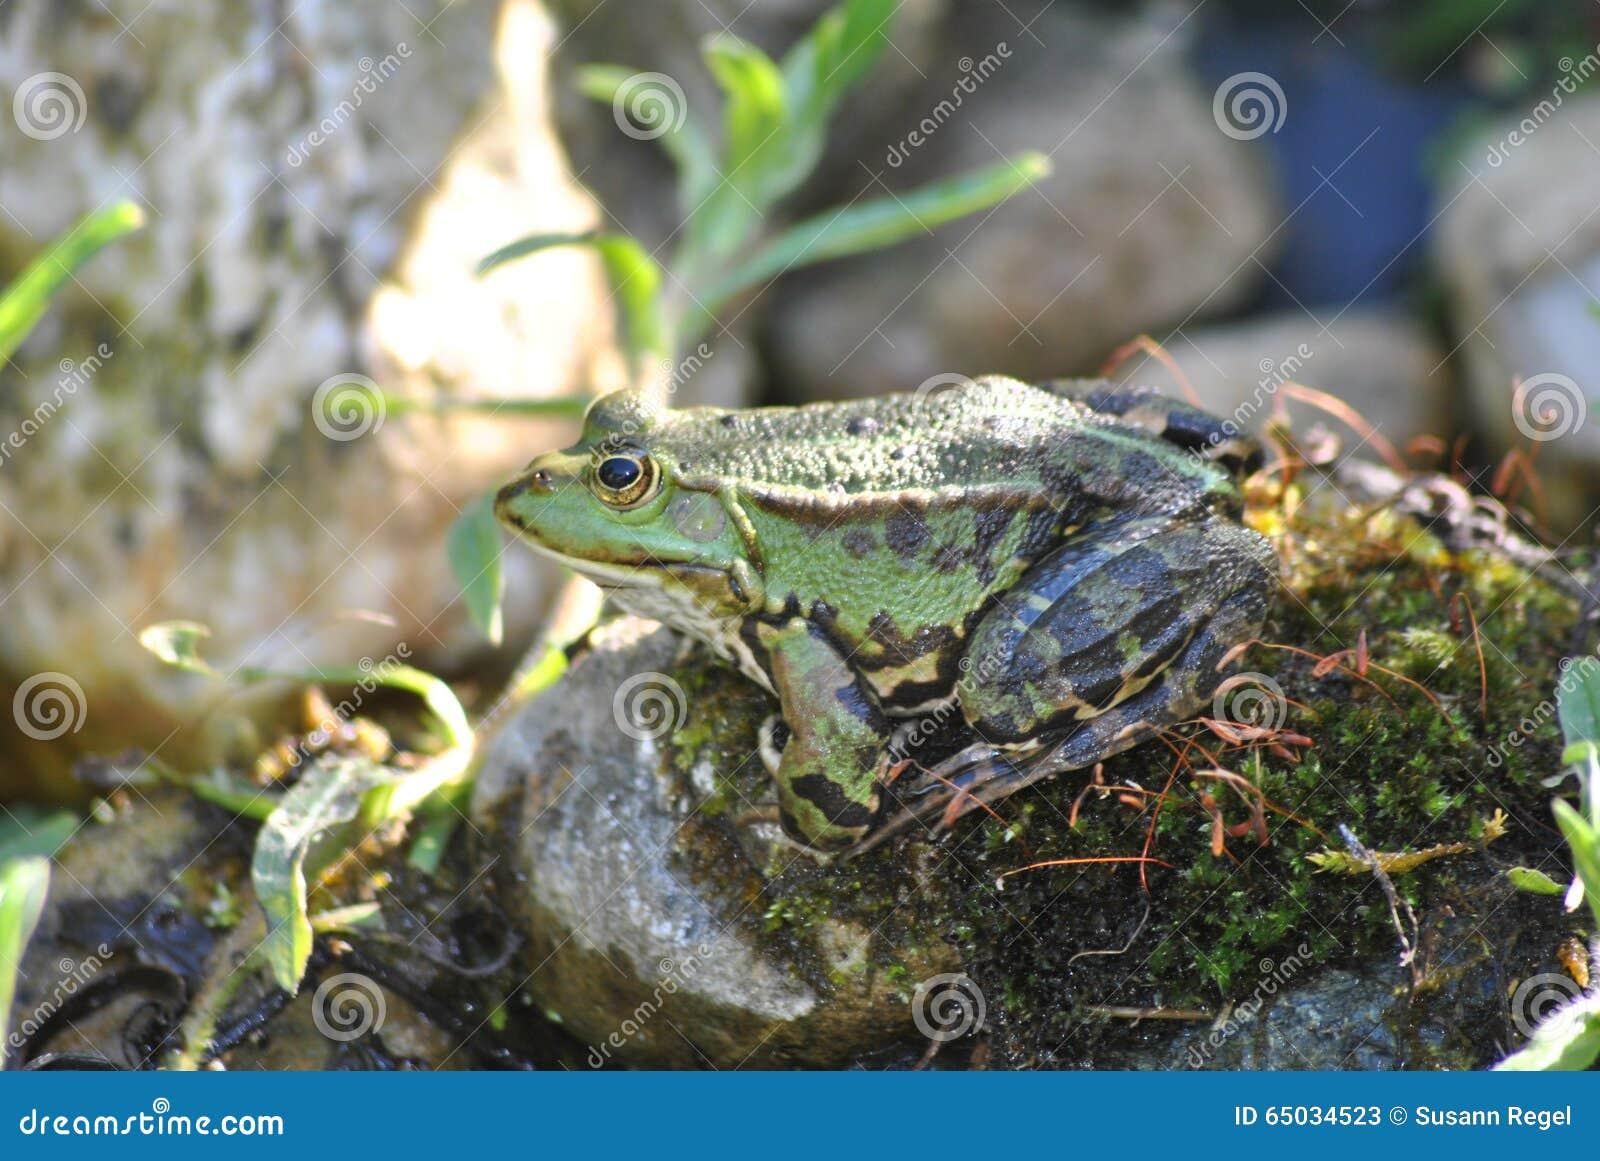 Лягушка сидя на камне